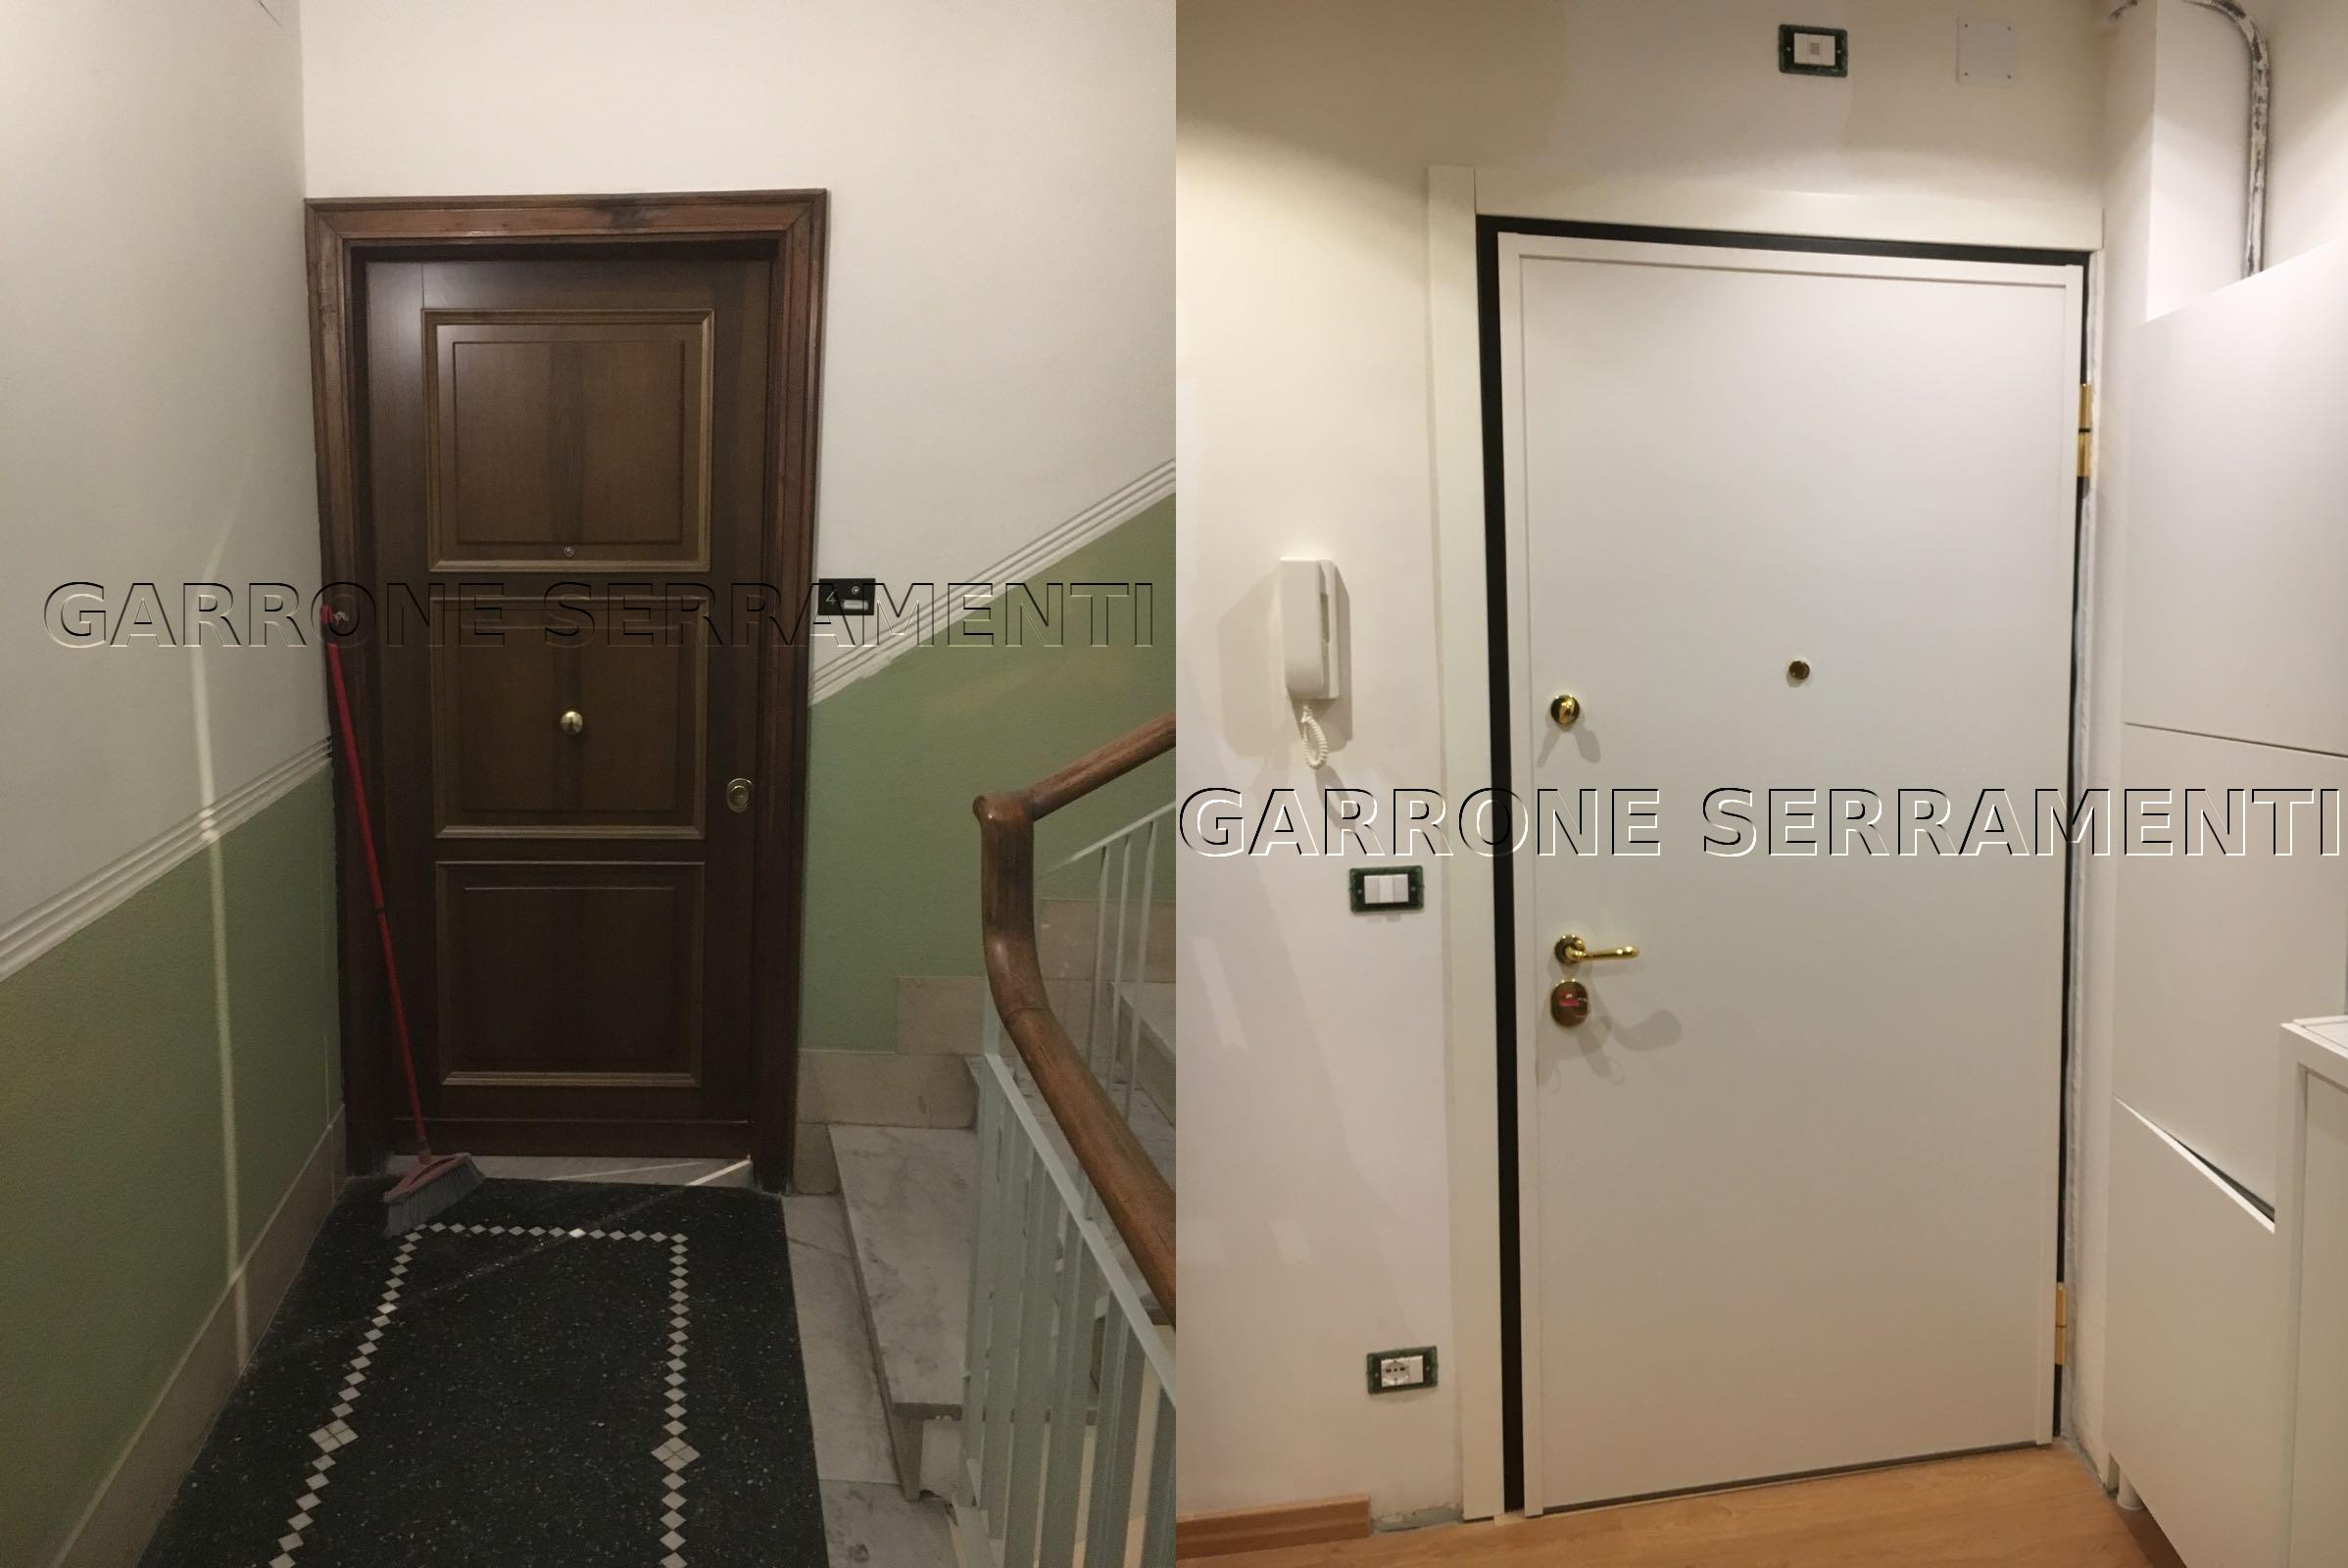 Porta blindata alla genovese infissi genova garrone - Porte e finestre genova ...